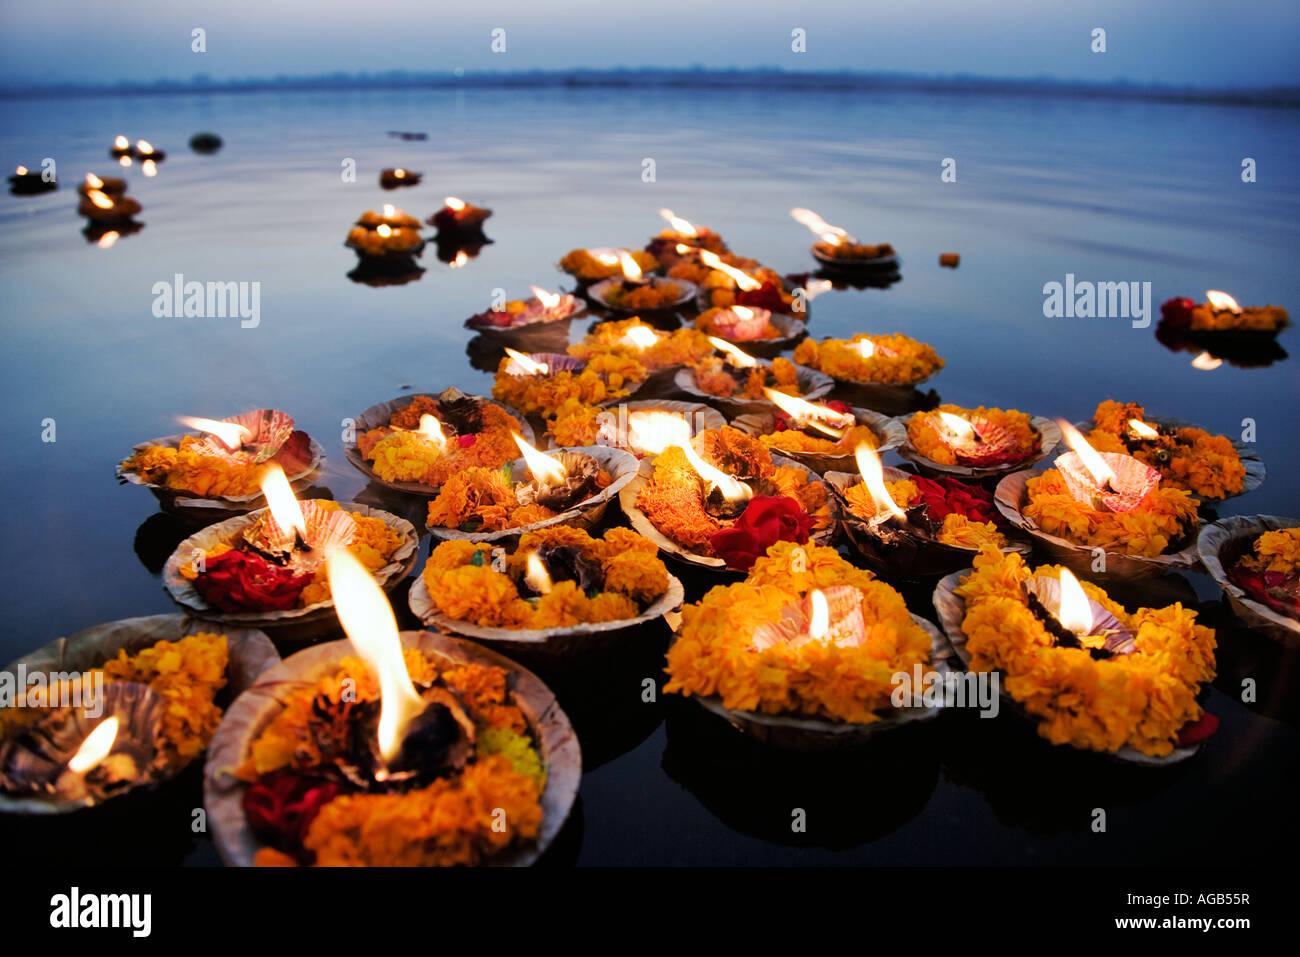 Deepak dans le Gange Le deepak ou lampes à huile sont utilisés comme une offrande pour le Gange Varanasi Inde Banque D'Images